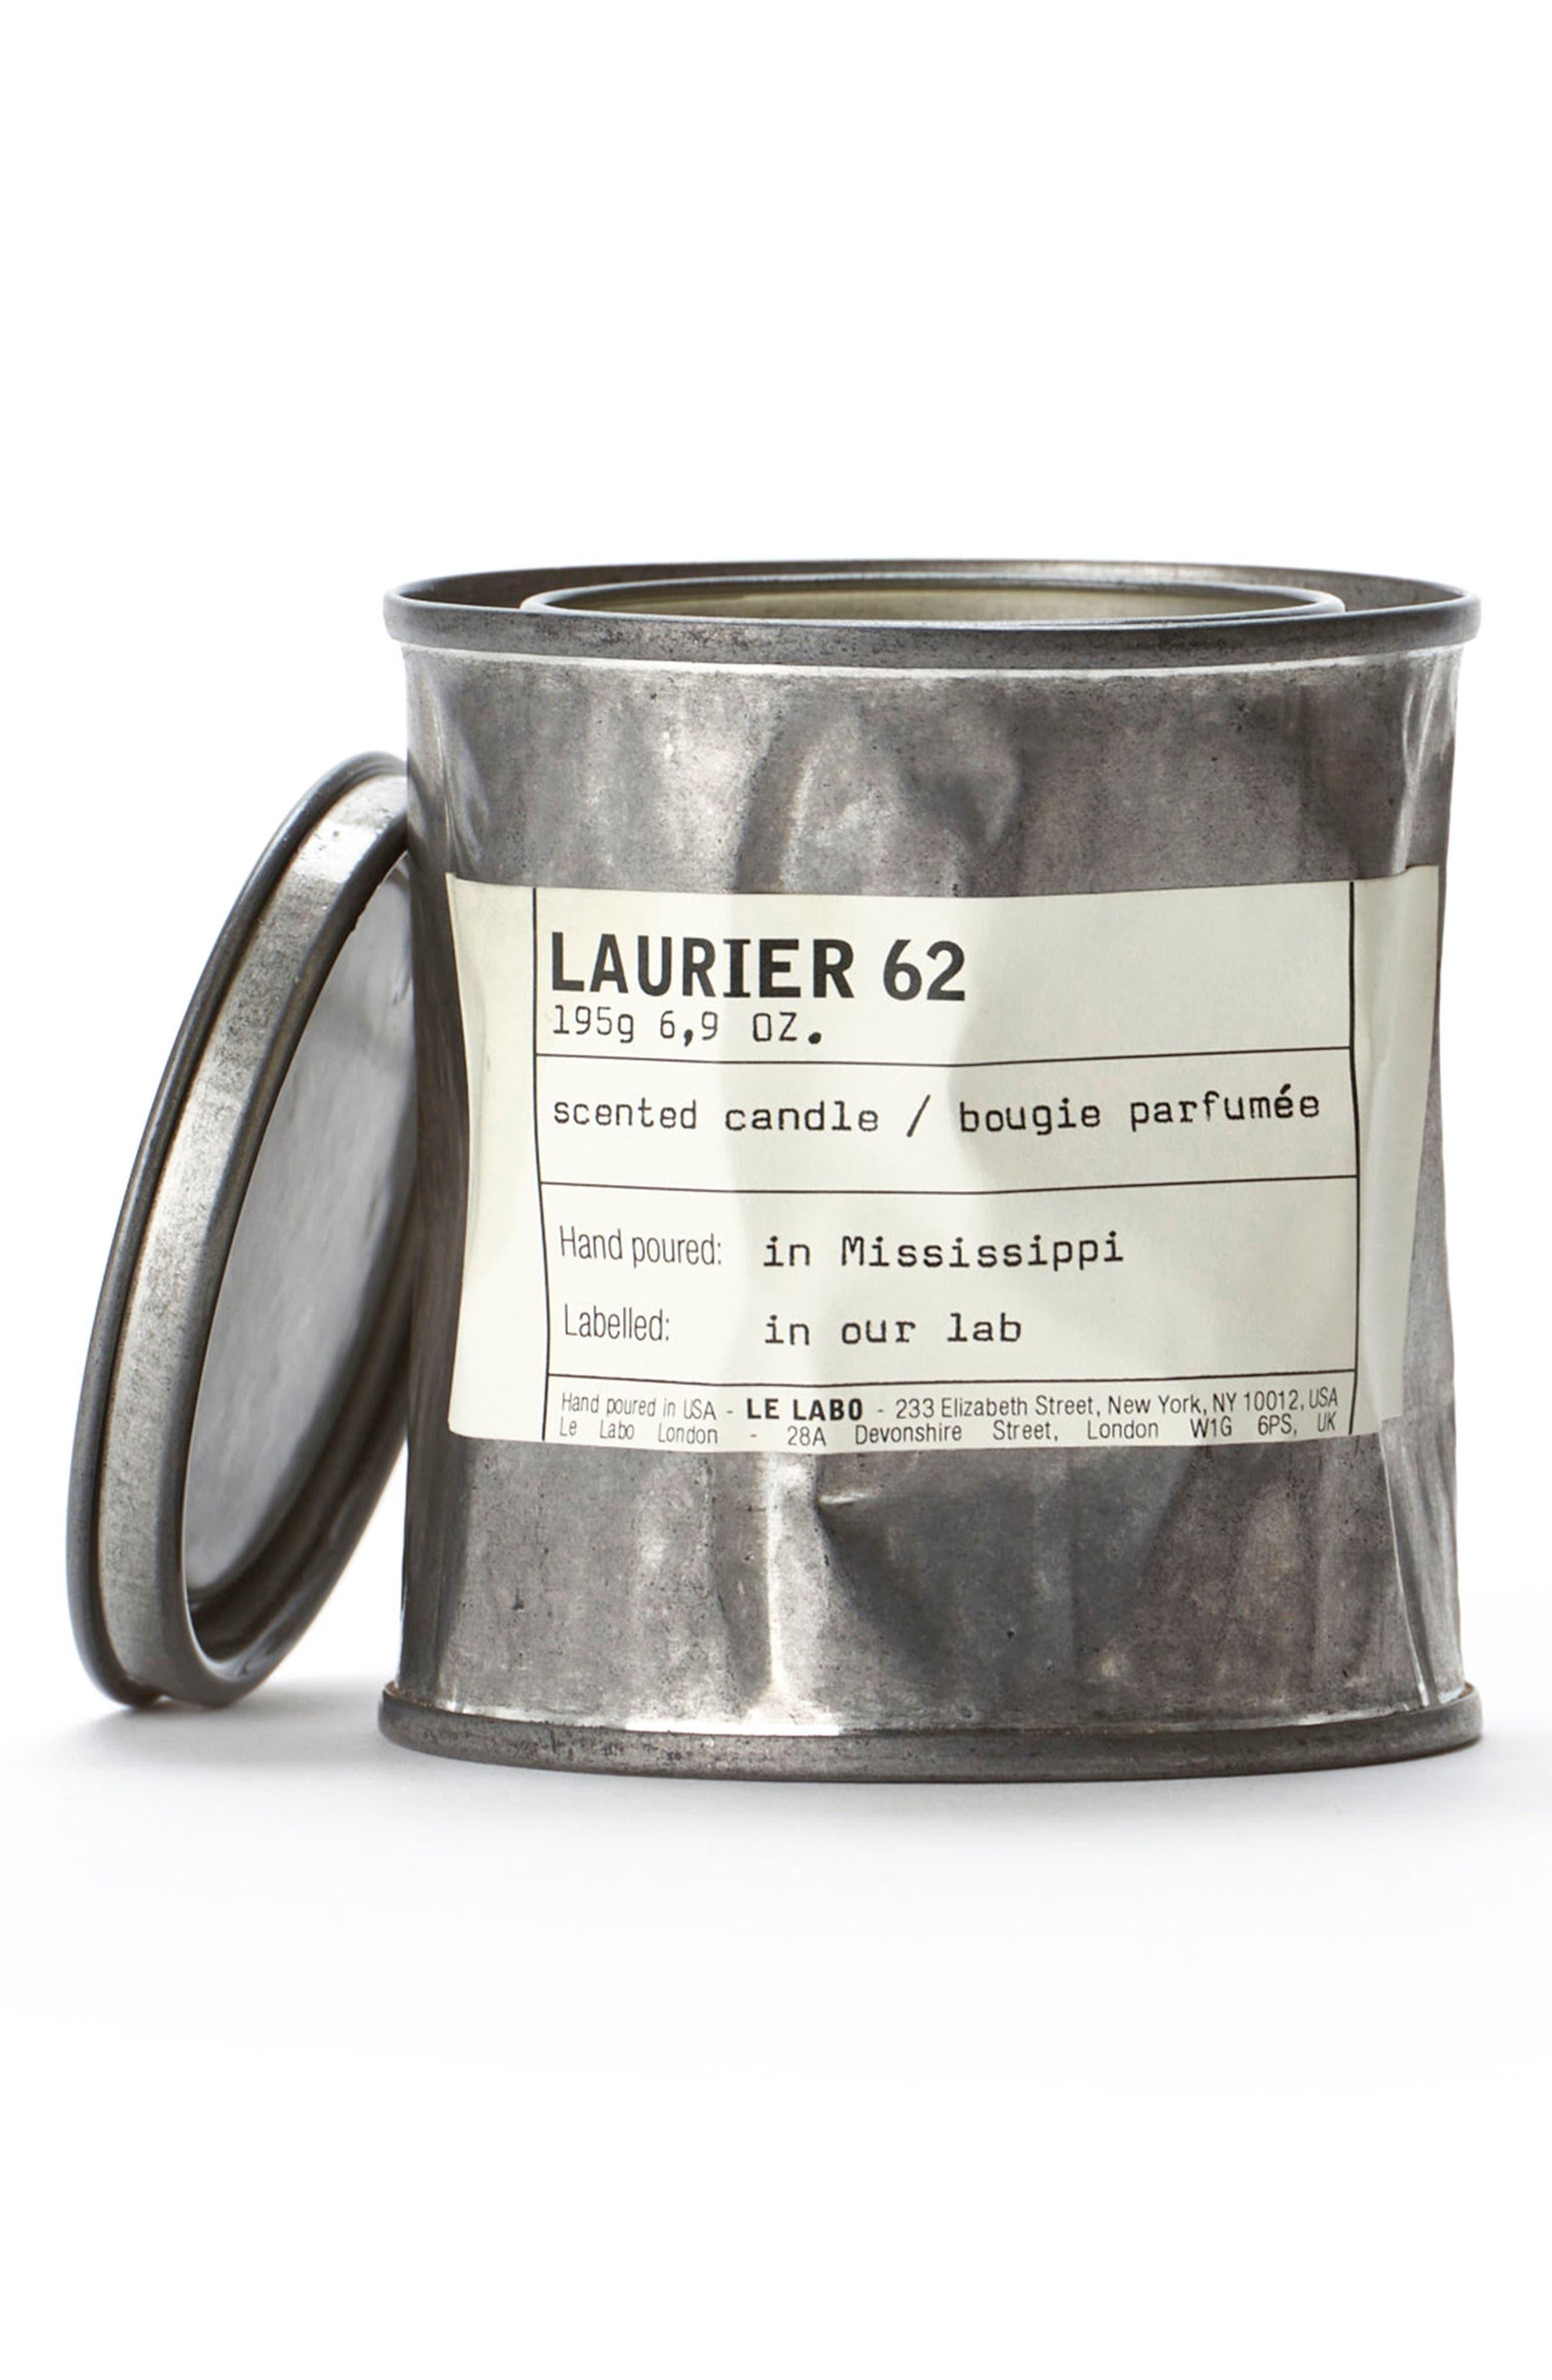 Main Image - Le Labo 'Laurier 62' Vintage Candle Tin